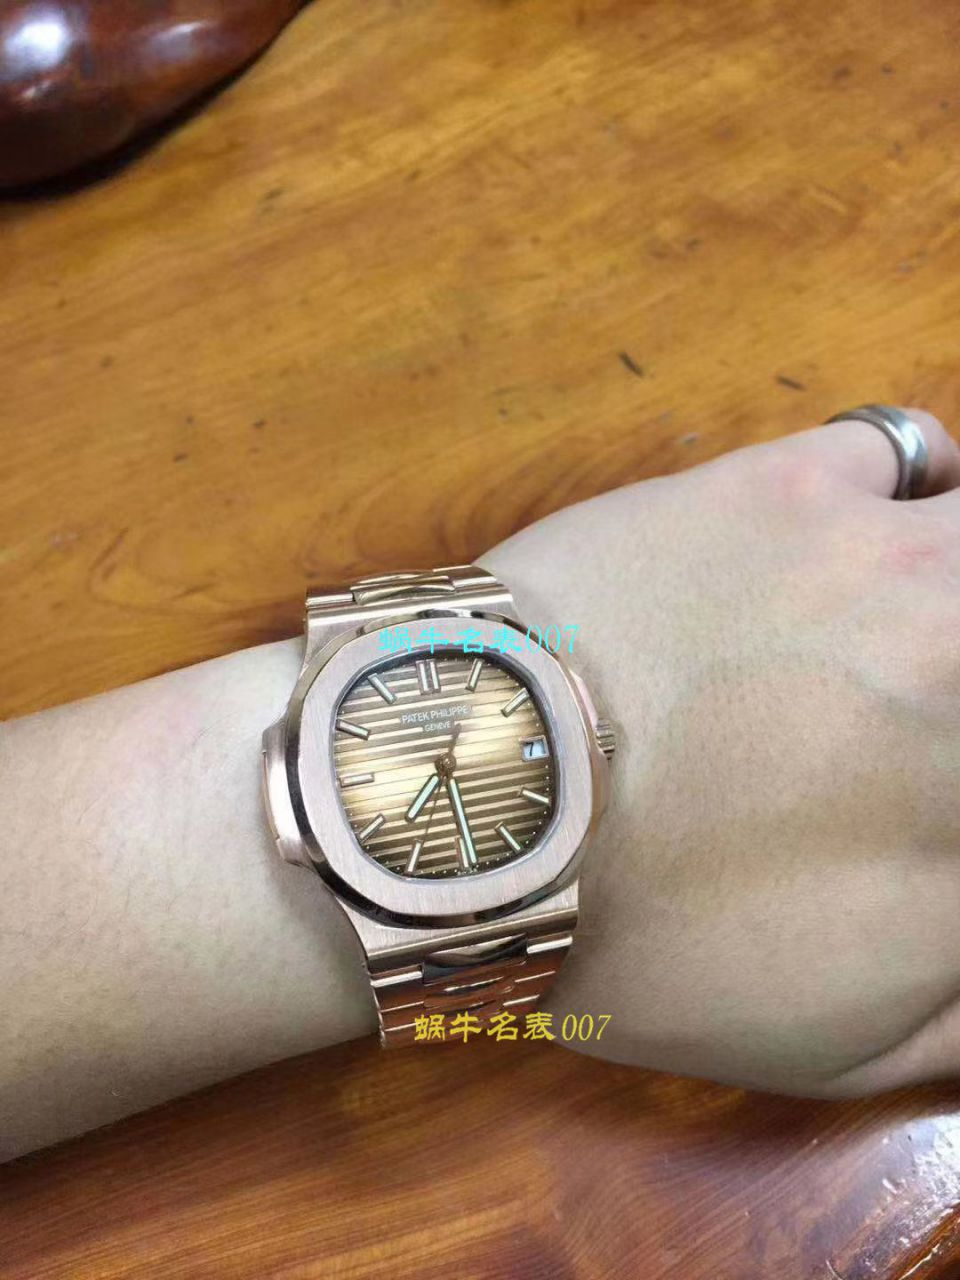 【独家视频测评PF一比一超A高仿手表】百达翡丽运动系列5711/1A 010 不锈钢腕表(鹦鹉螺)